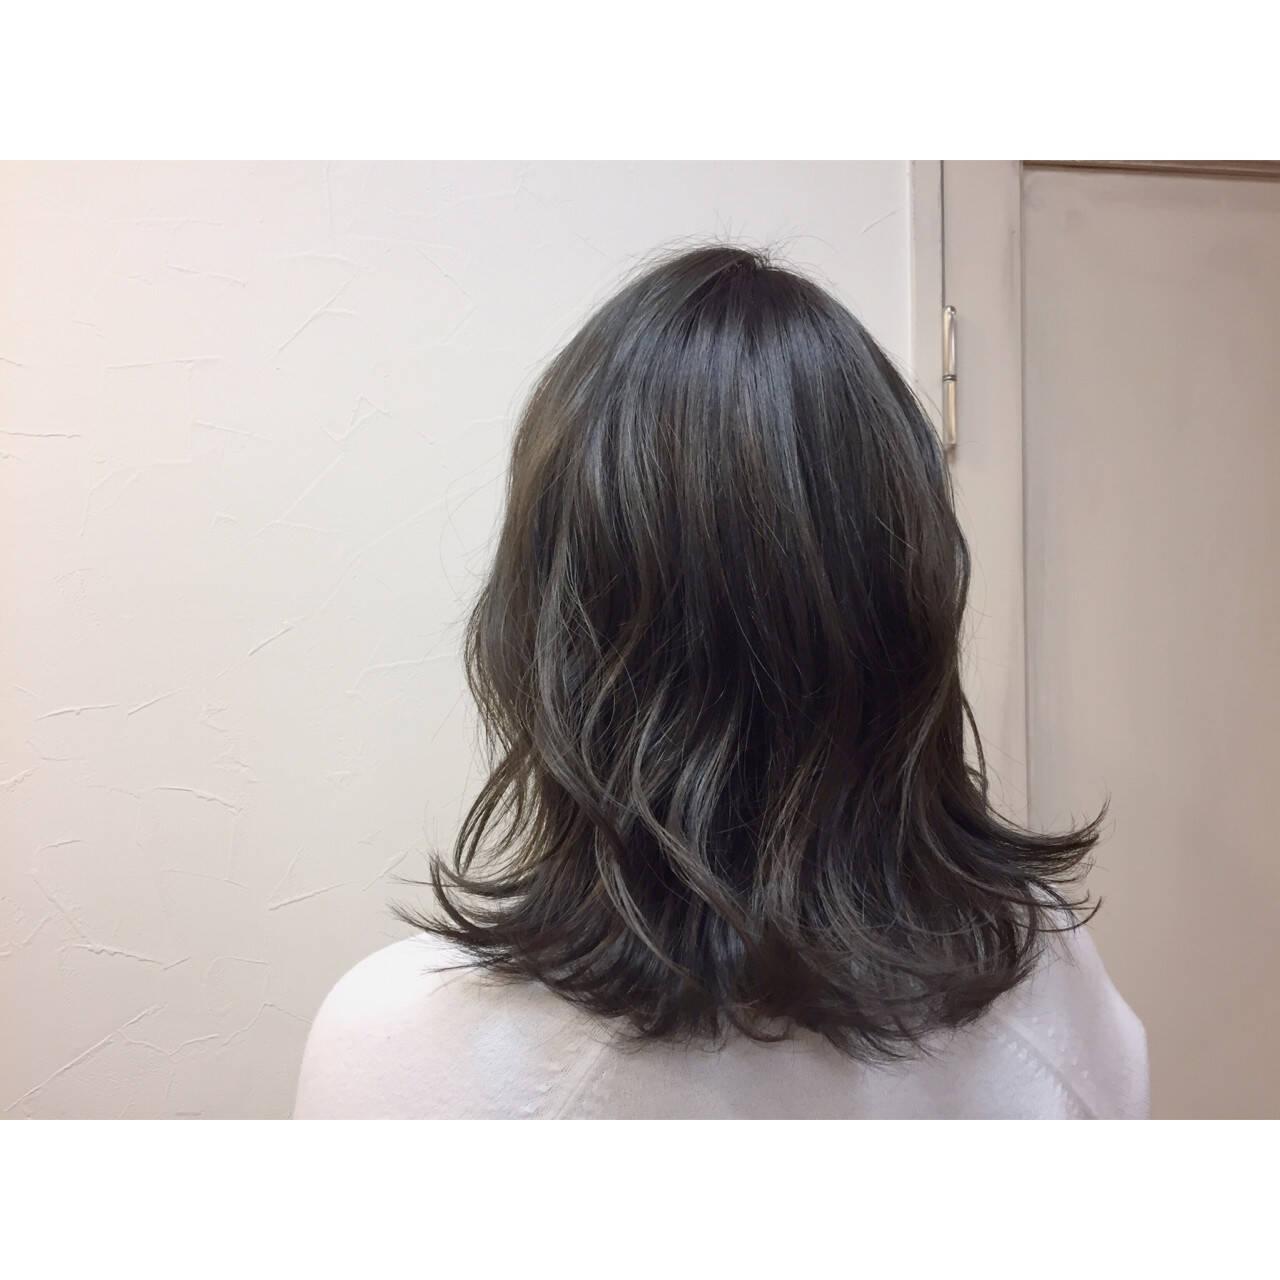 ナチュラル ハイライト グラデーションカラー アッシュヘアスタイルや髪型の写真・画像